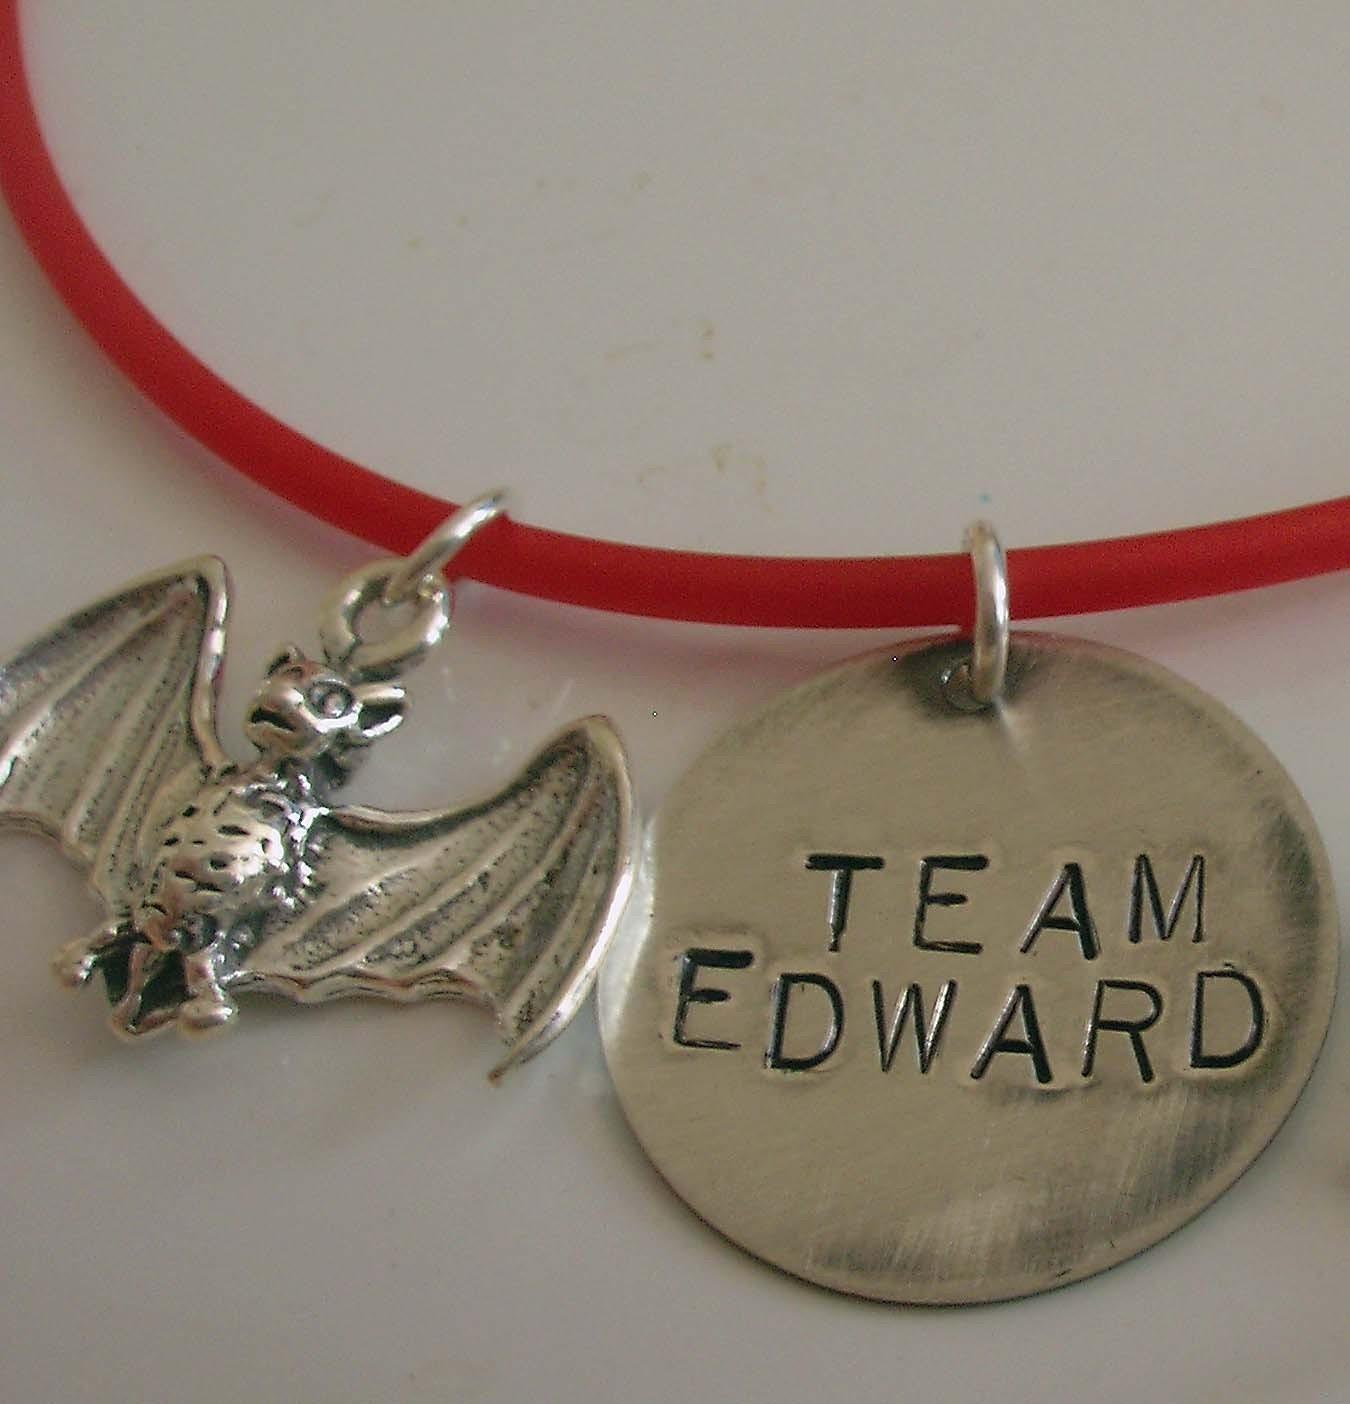 Team Edward 4EVER! Il_430xN.43240232